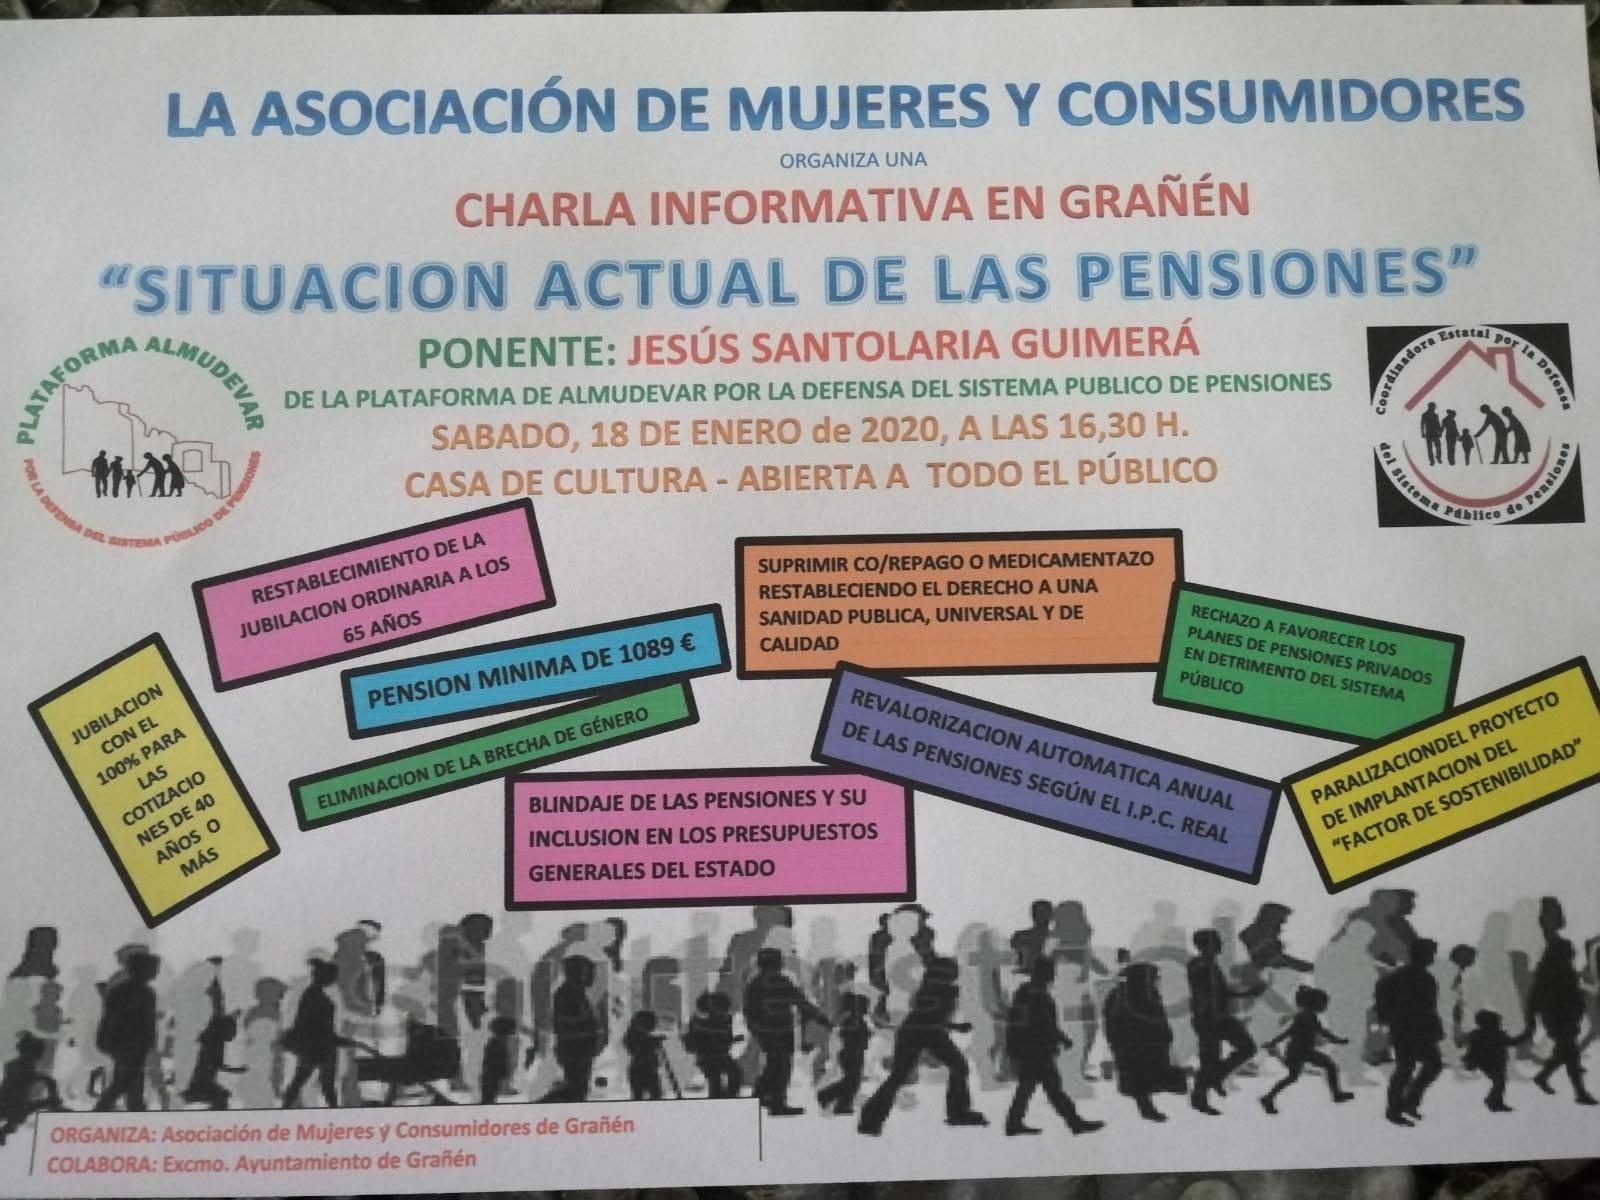 Charla informativa en Grañén, sábado 18, sobre la situación actual de las pensiones.